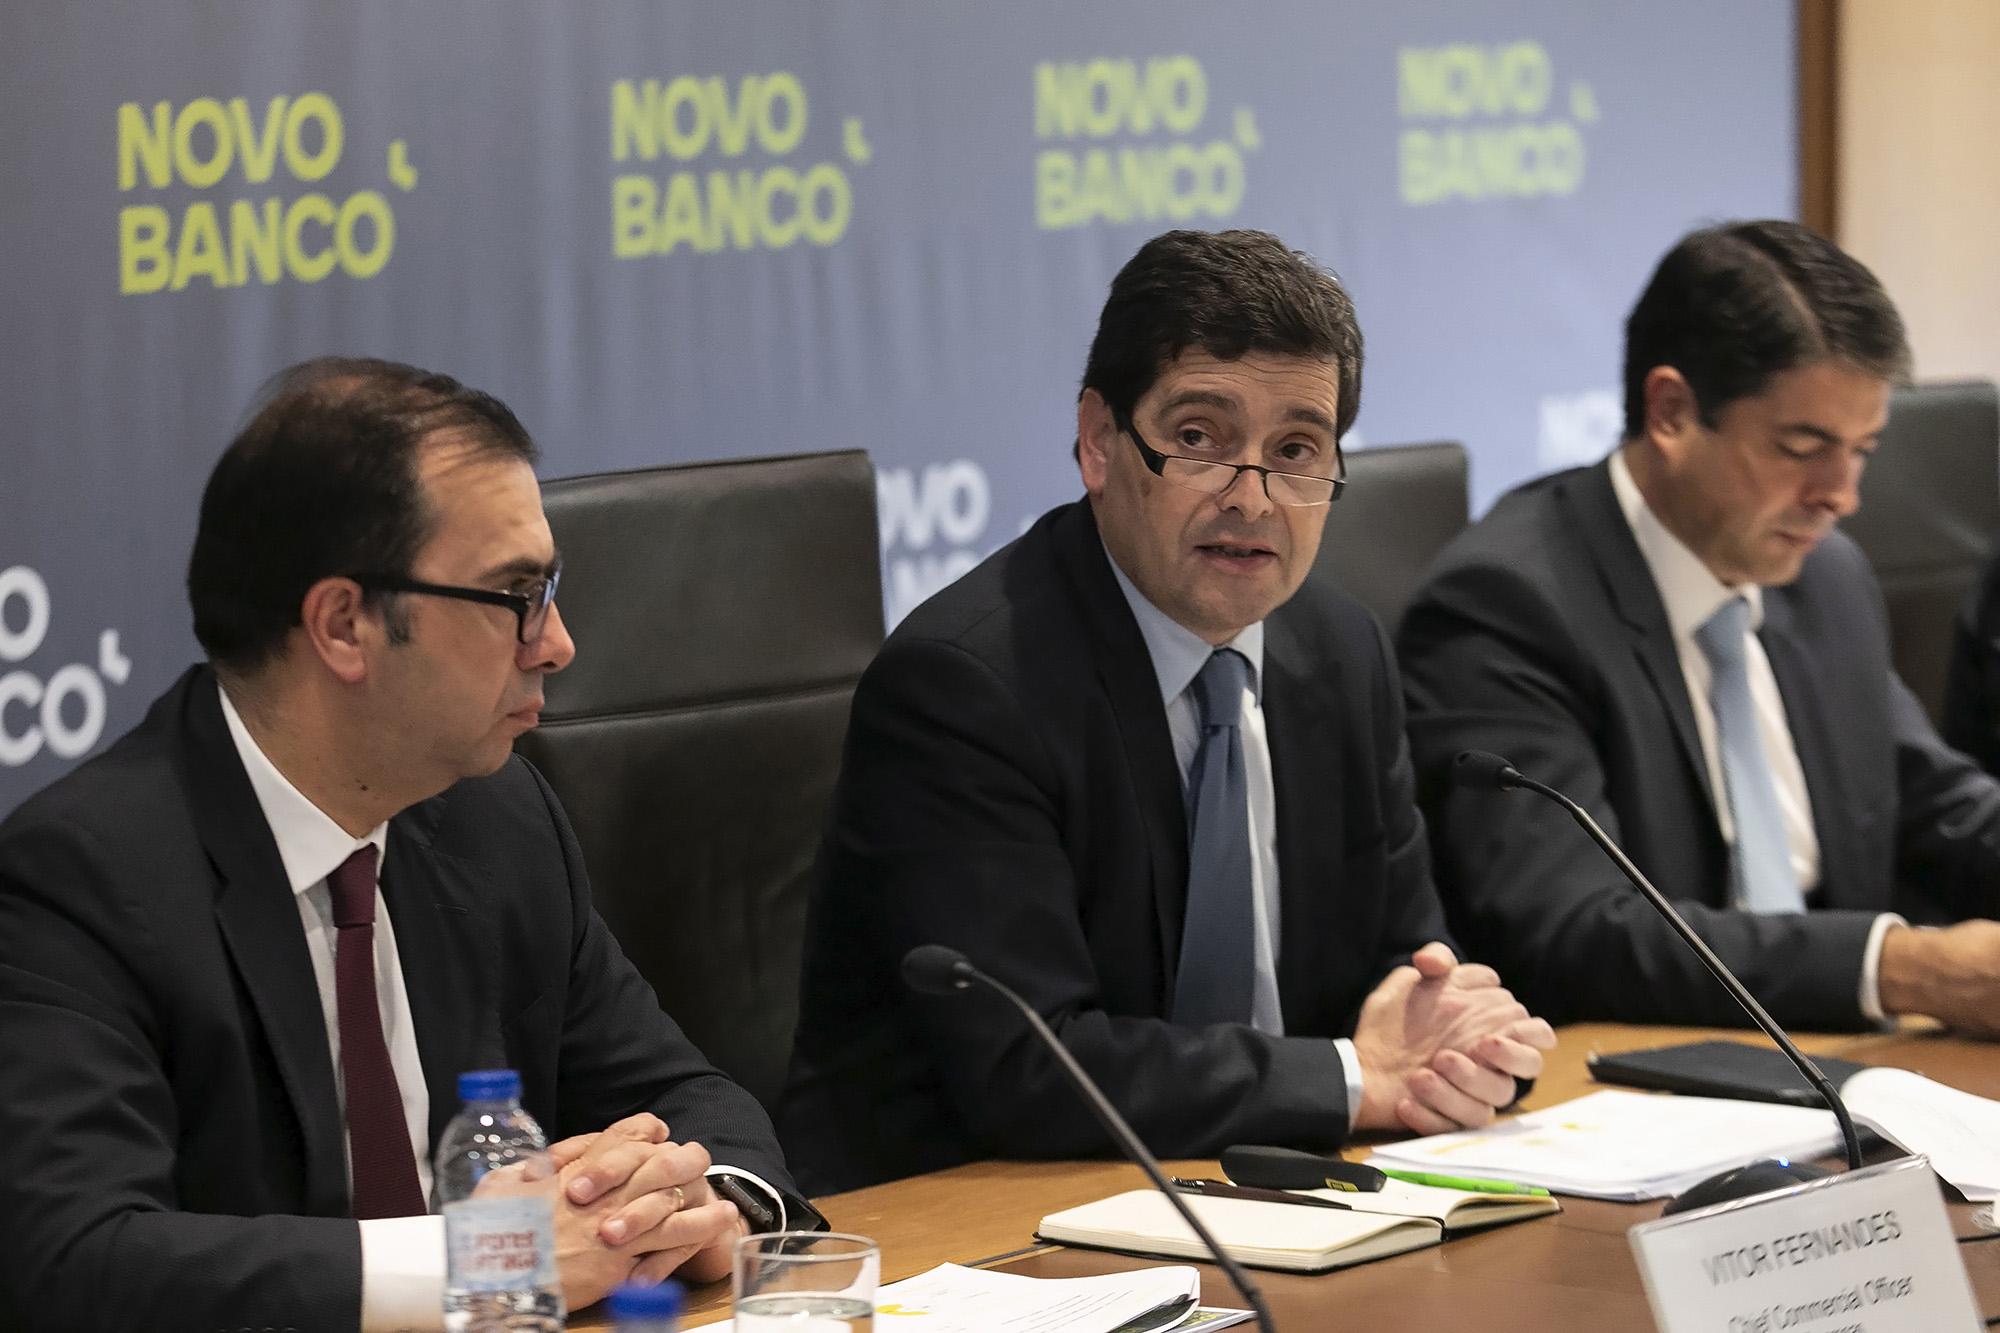 Apresentação de resultados do Novo Banco - 01MAR19